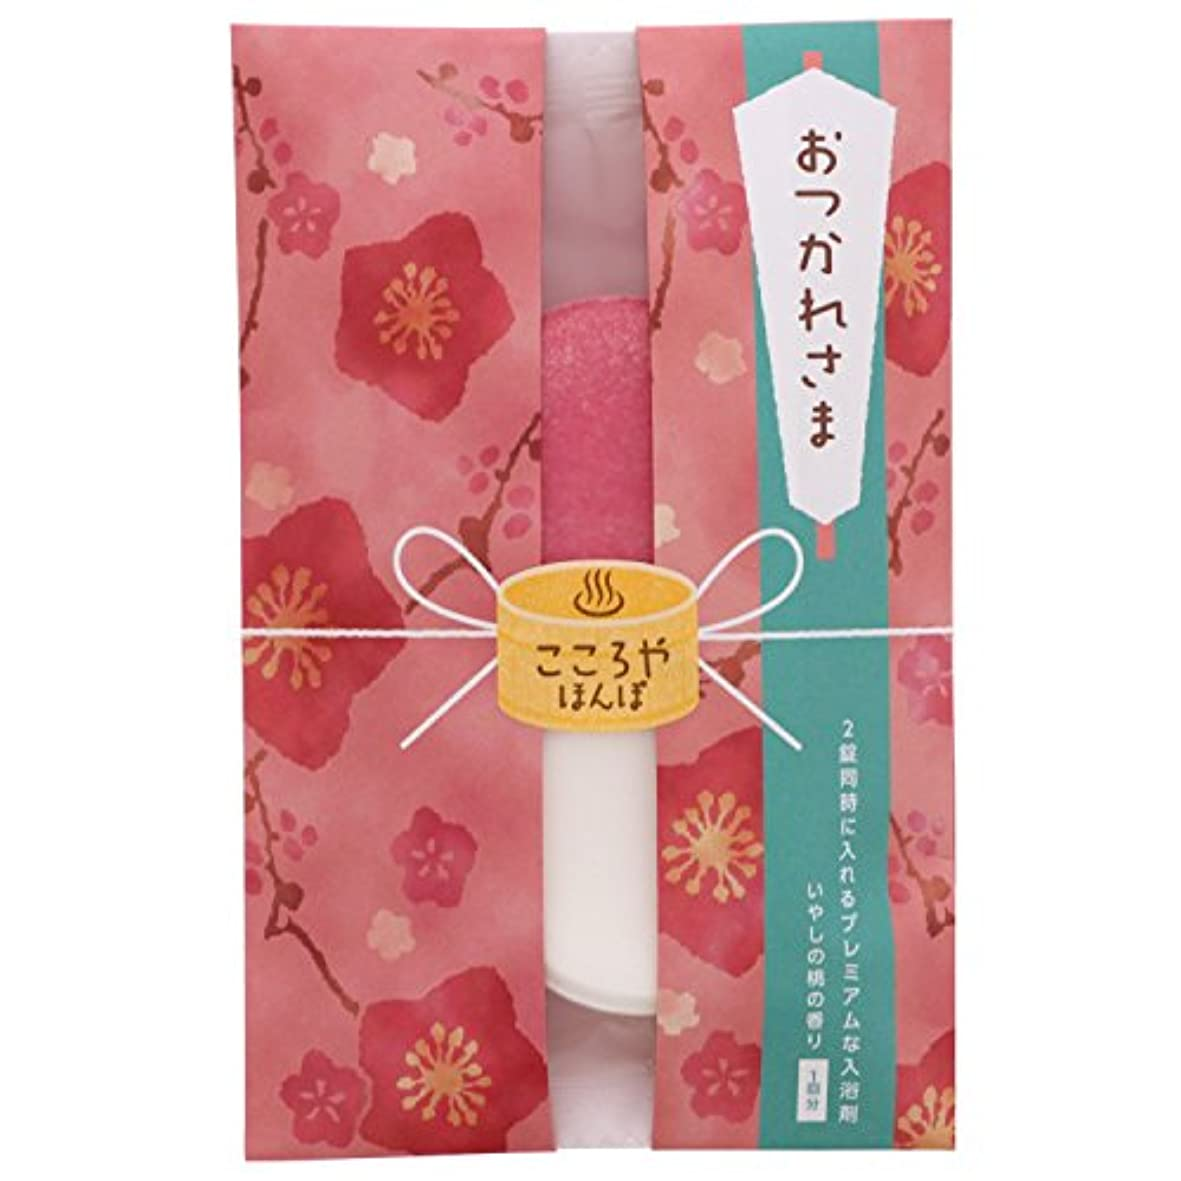 おじさん献身熱心なこころやほんぽ カジュアルギフト 入浴剤 おつかれさま 桃の香り 50g